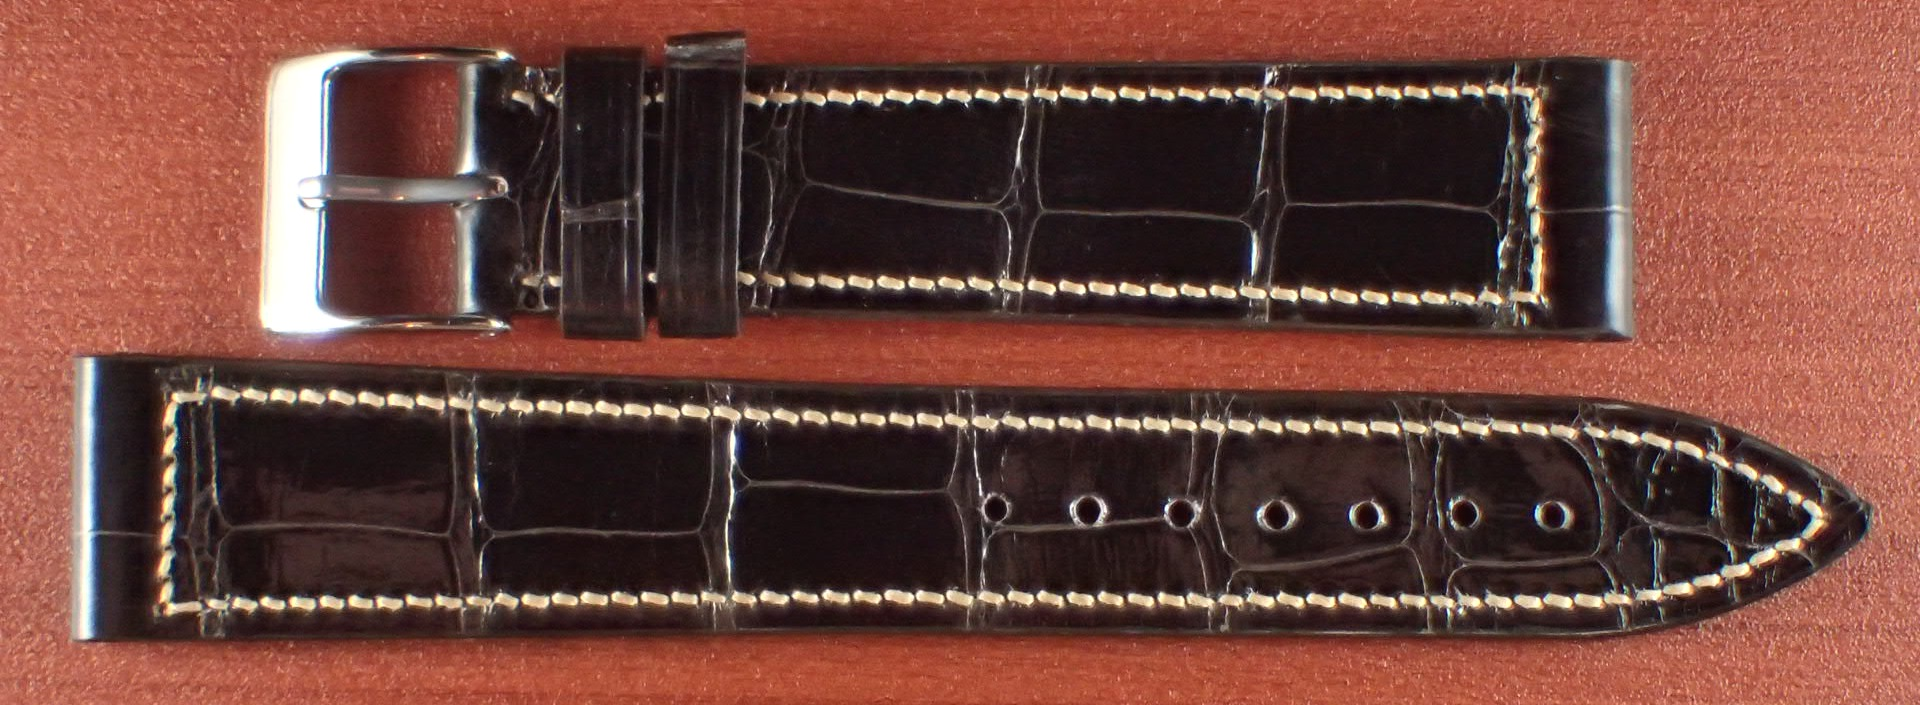 ジャン・クロード ペラン革ベルト クロコダイル チョコレート(シャイニー) 18mm